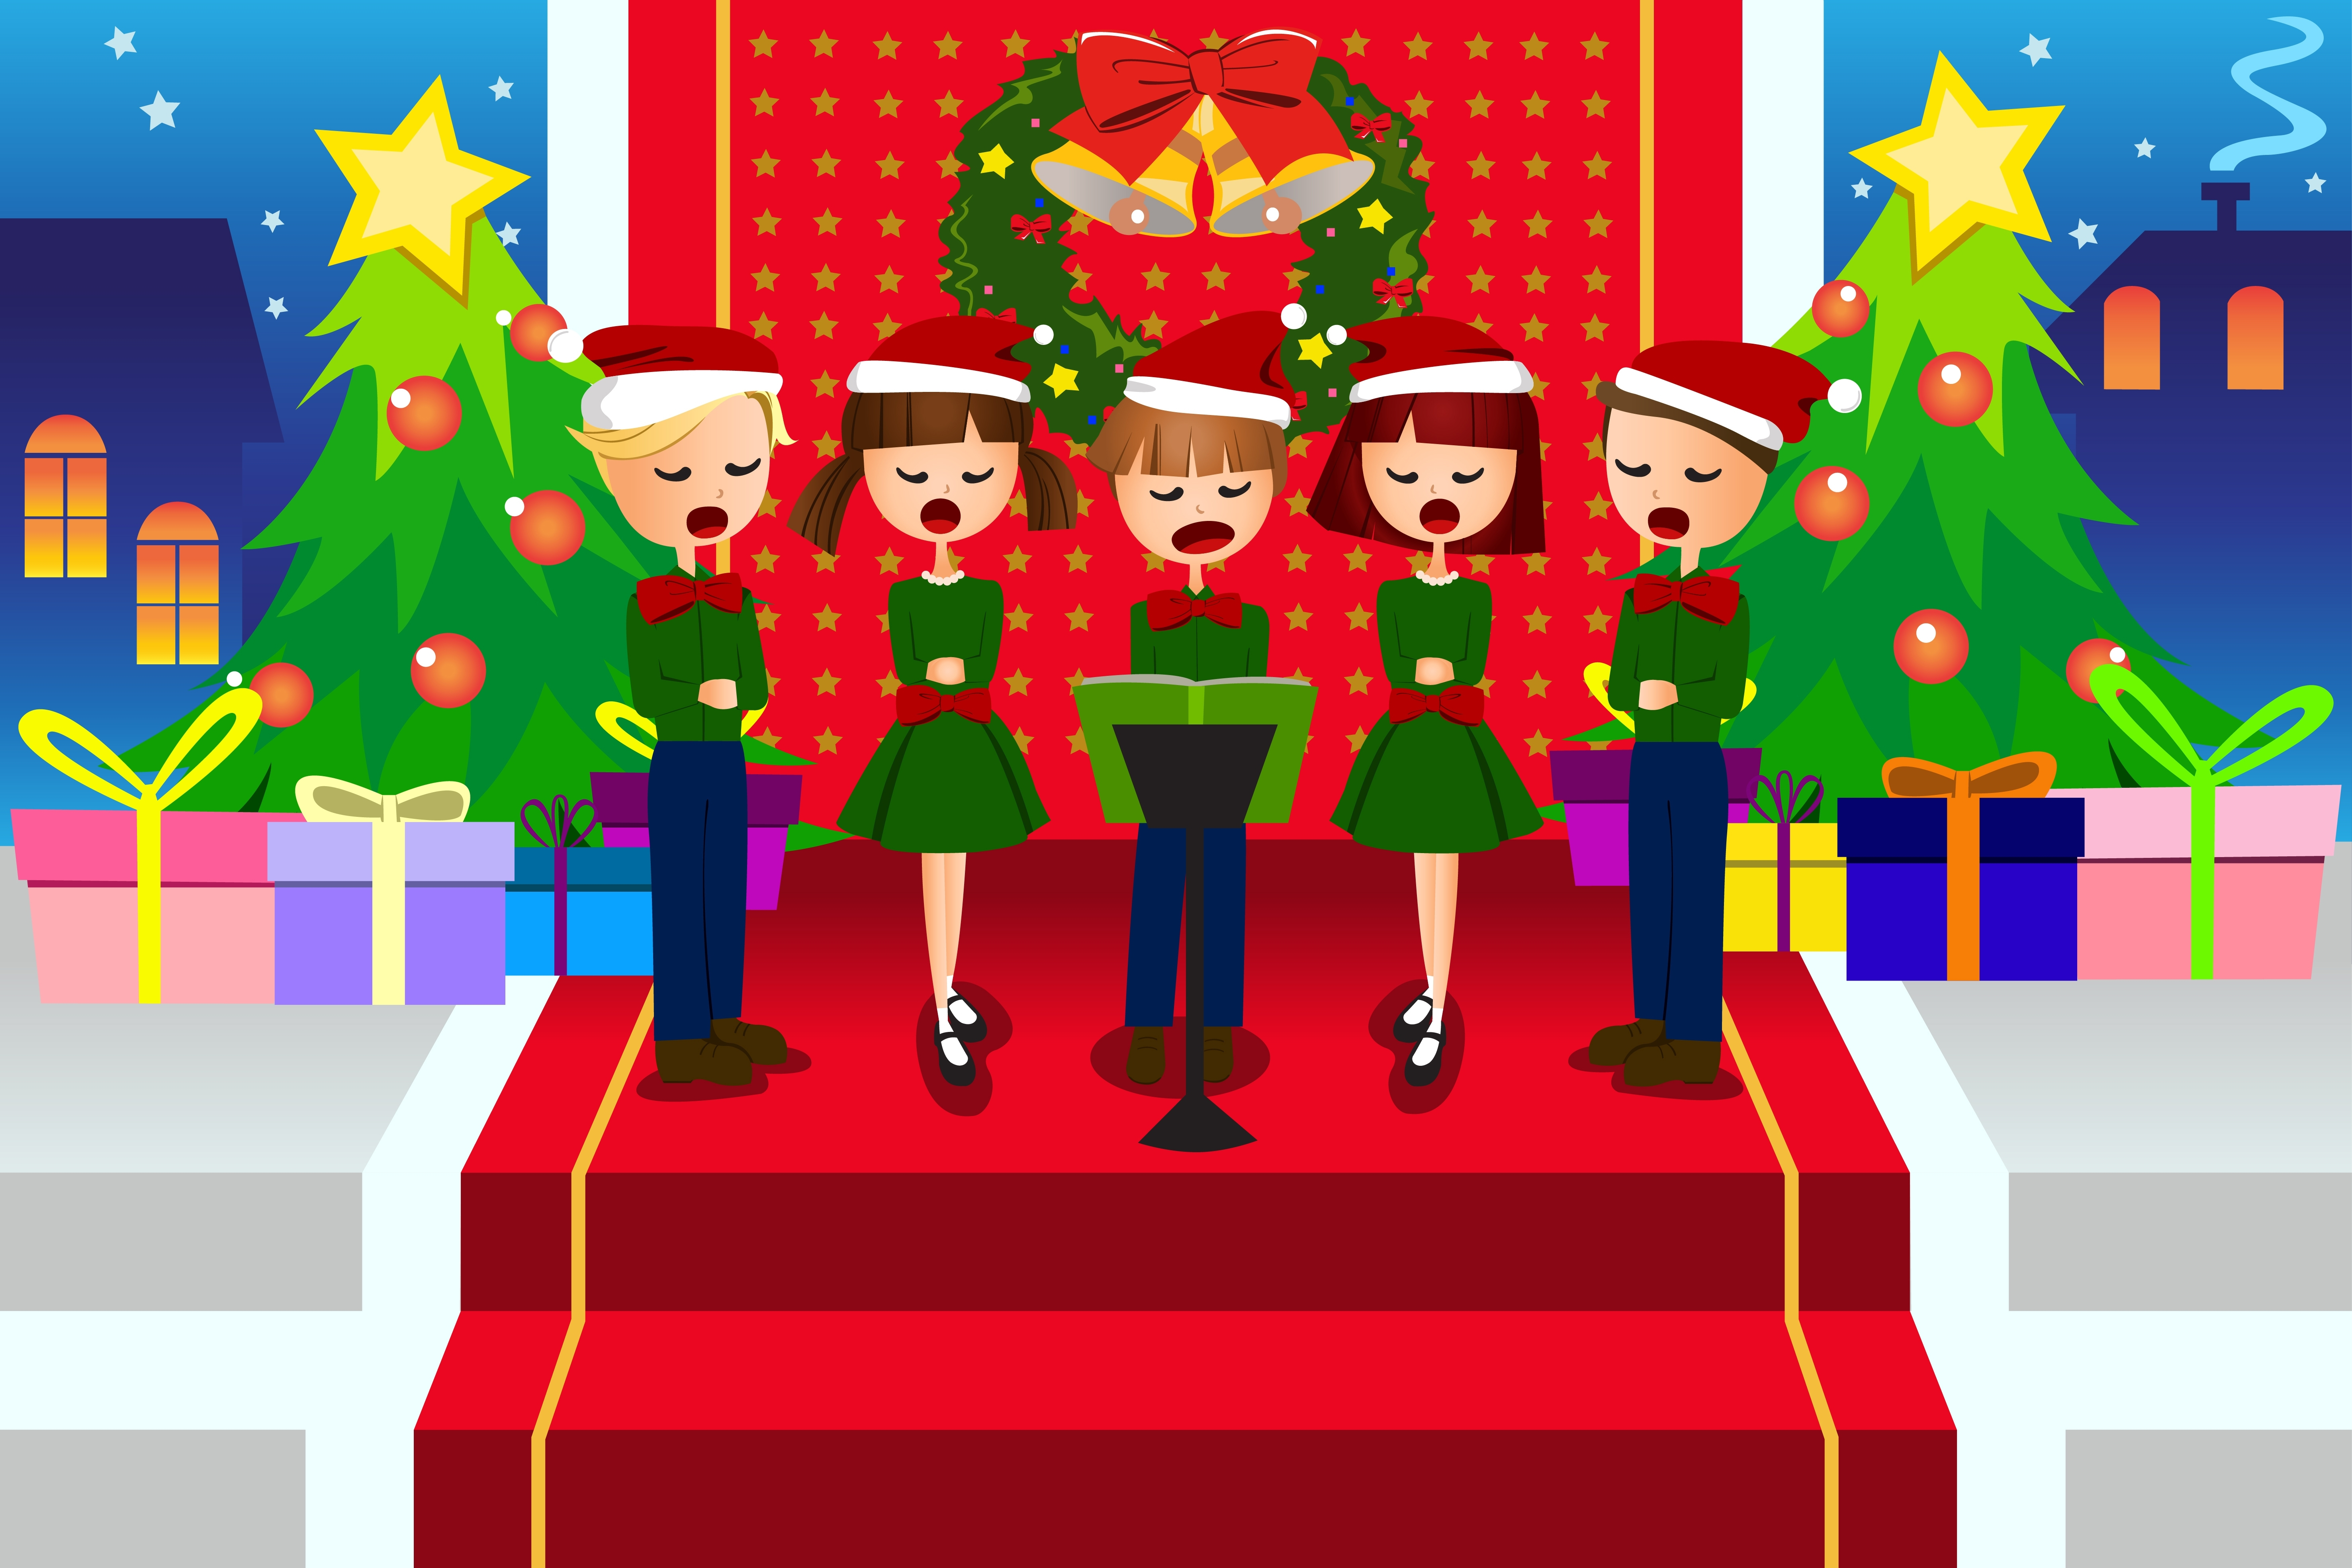 9559d7fe1b0a18350a30_Christmas.jpg